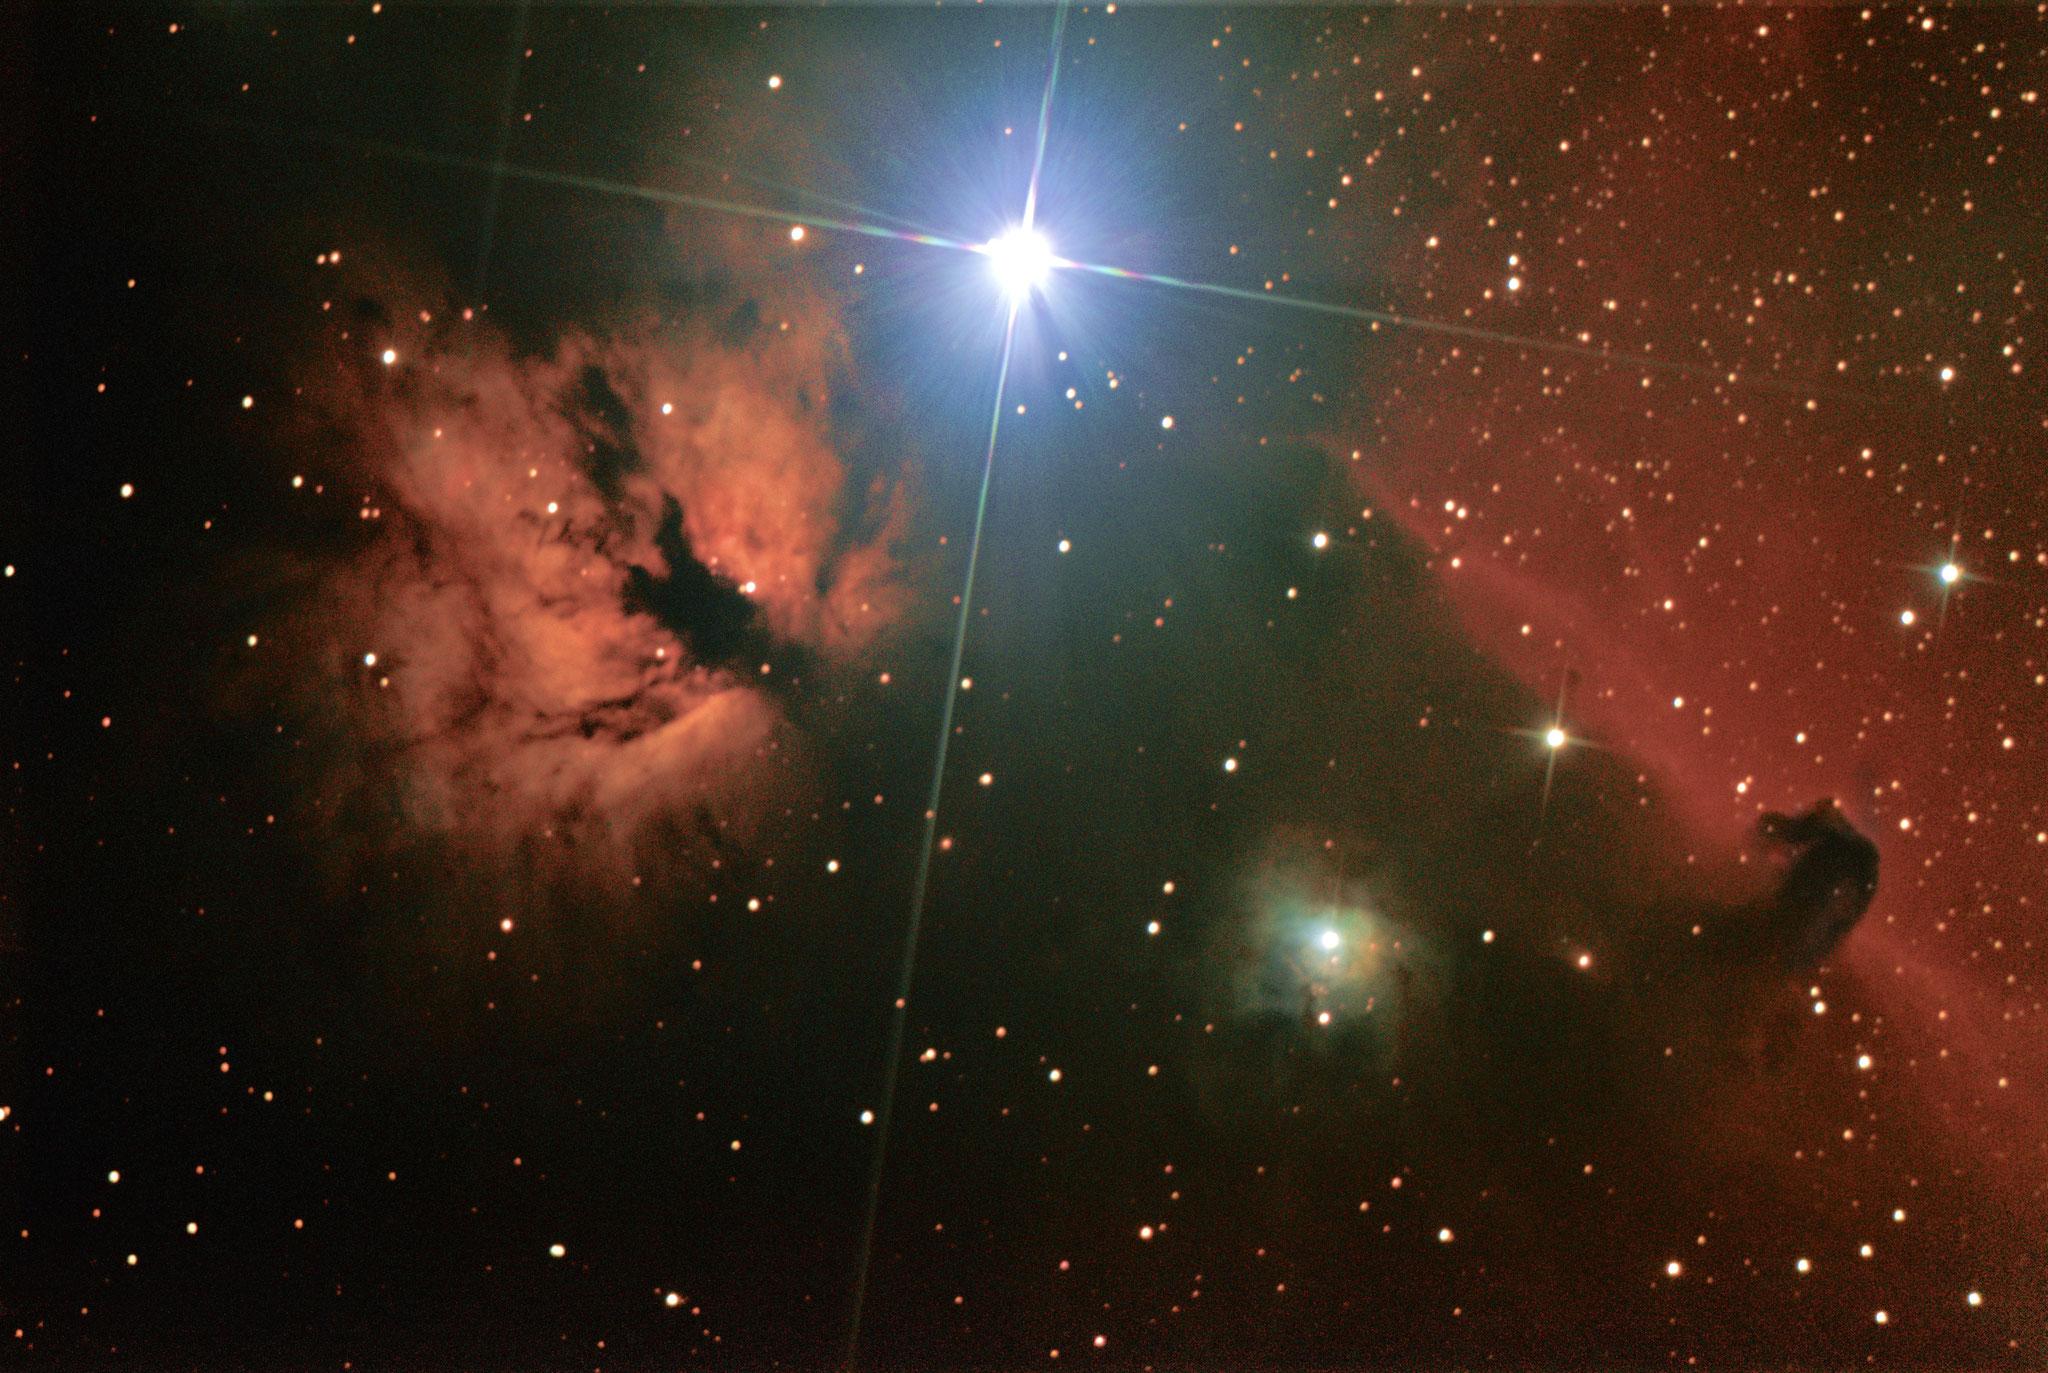 Nébuleuses de la Flamme (NGC 2029) & de la tête de cheval (IC434) - Stéphane PICQUETTE -Newton 200/1000 - monture NEQ5, caméra ZWO 294MC refroidie, 290 poses de 30s (gain 390) - 30 dark, 30 offset, 10 flat, traitement avec logiciel SIRIL et photoshop